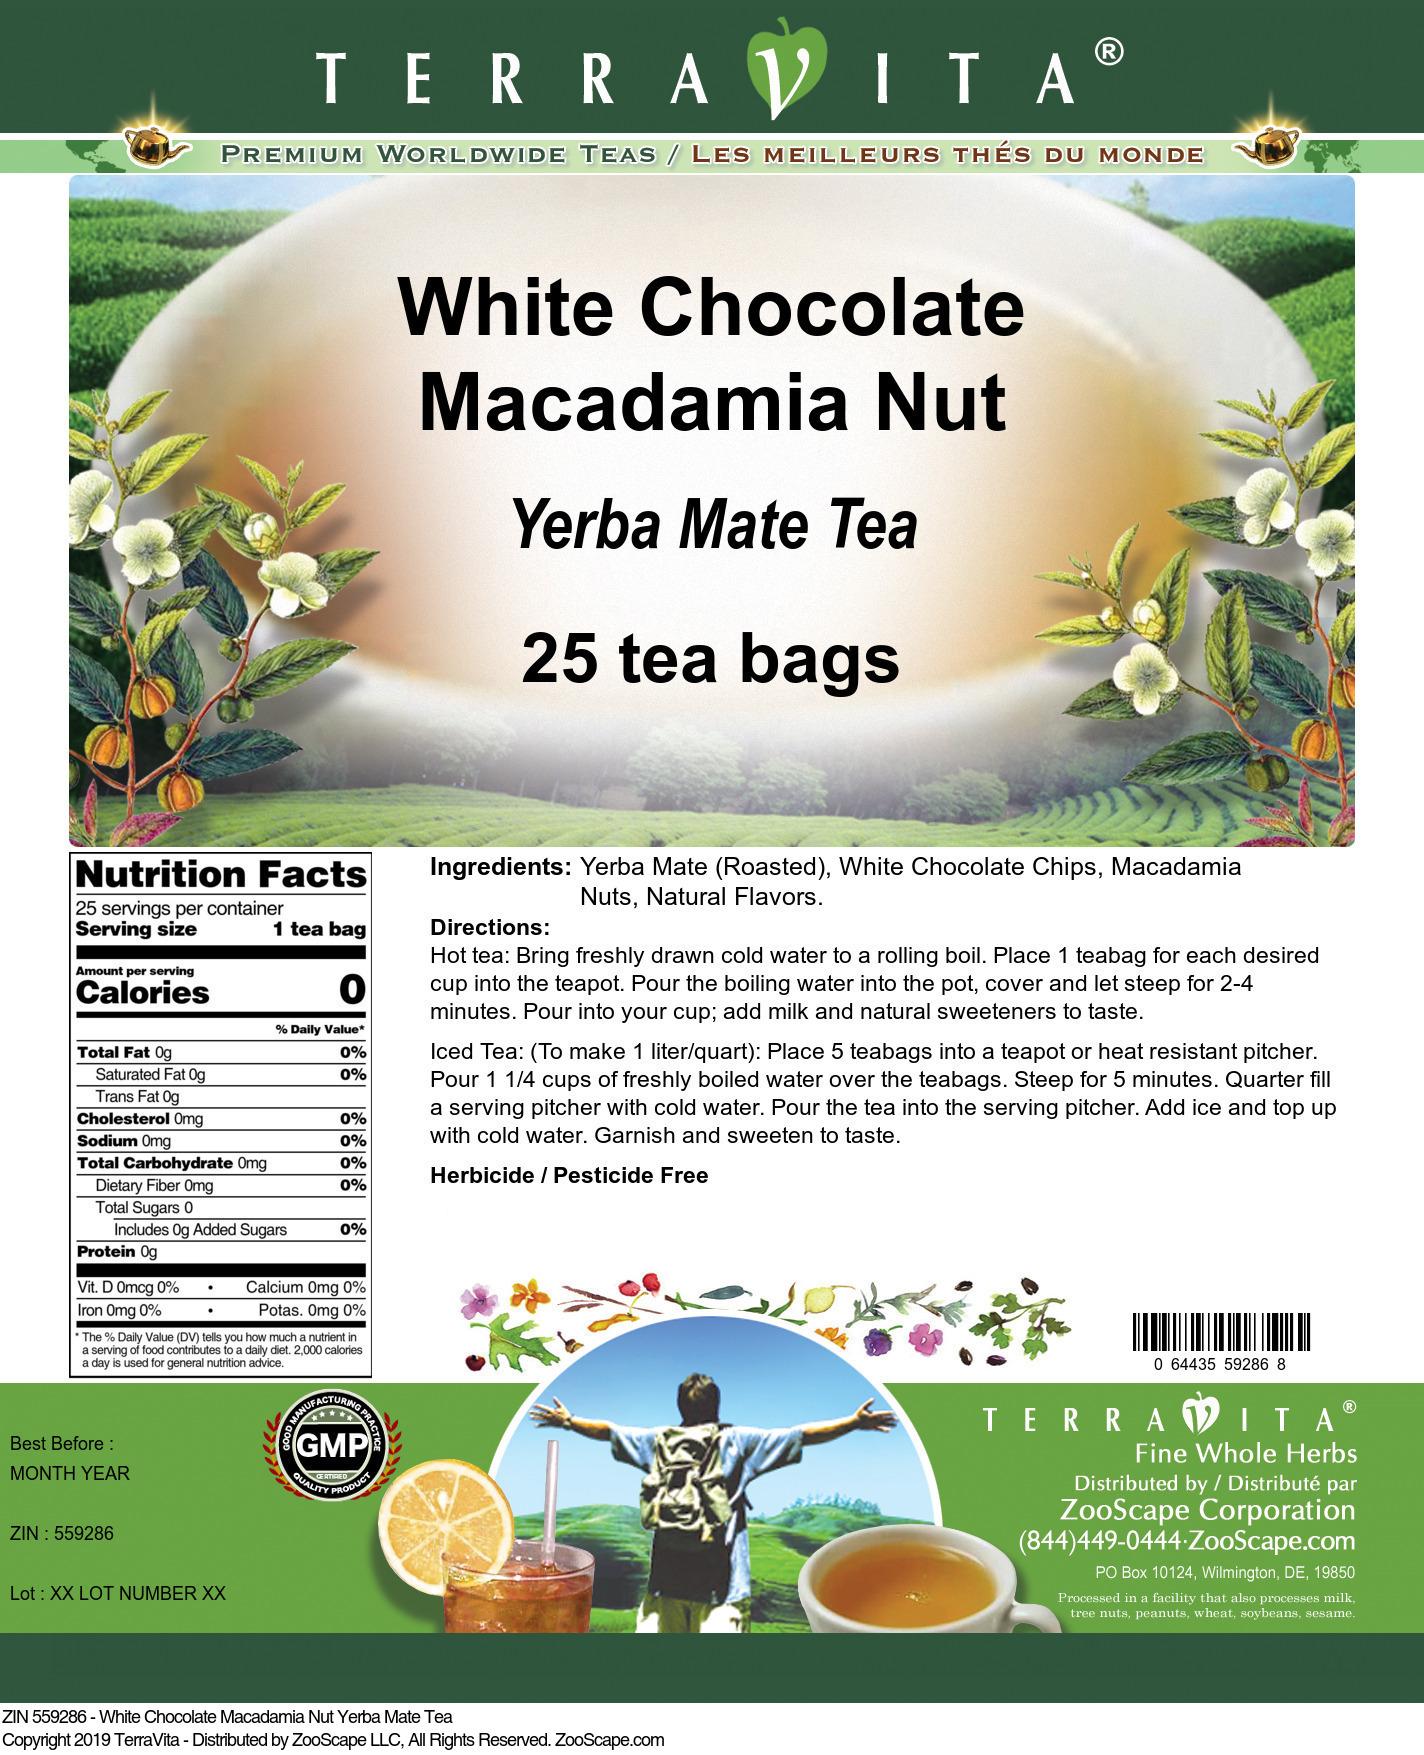 White Chocolate Macadamia Nut Yerba Mate